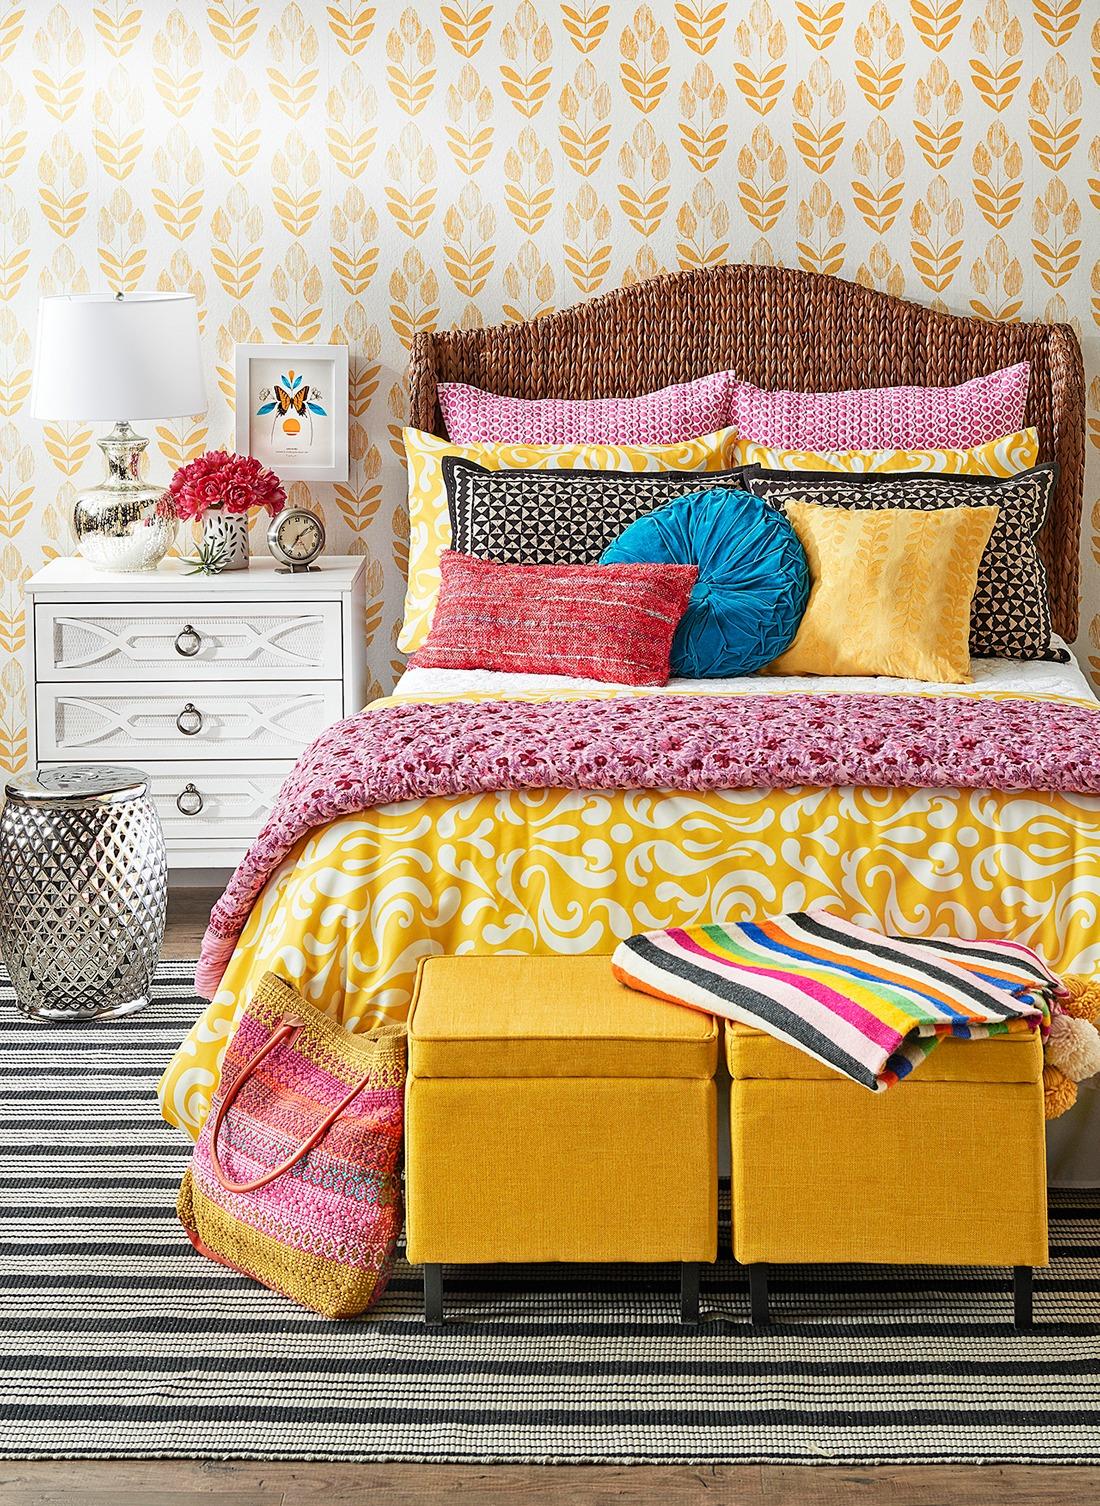 Couleurs vives et tapis à motifs - une combinaison pour une décoration de chambre moderne.